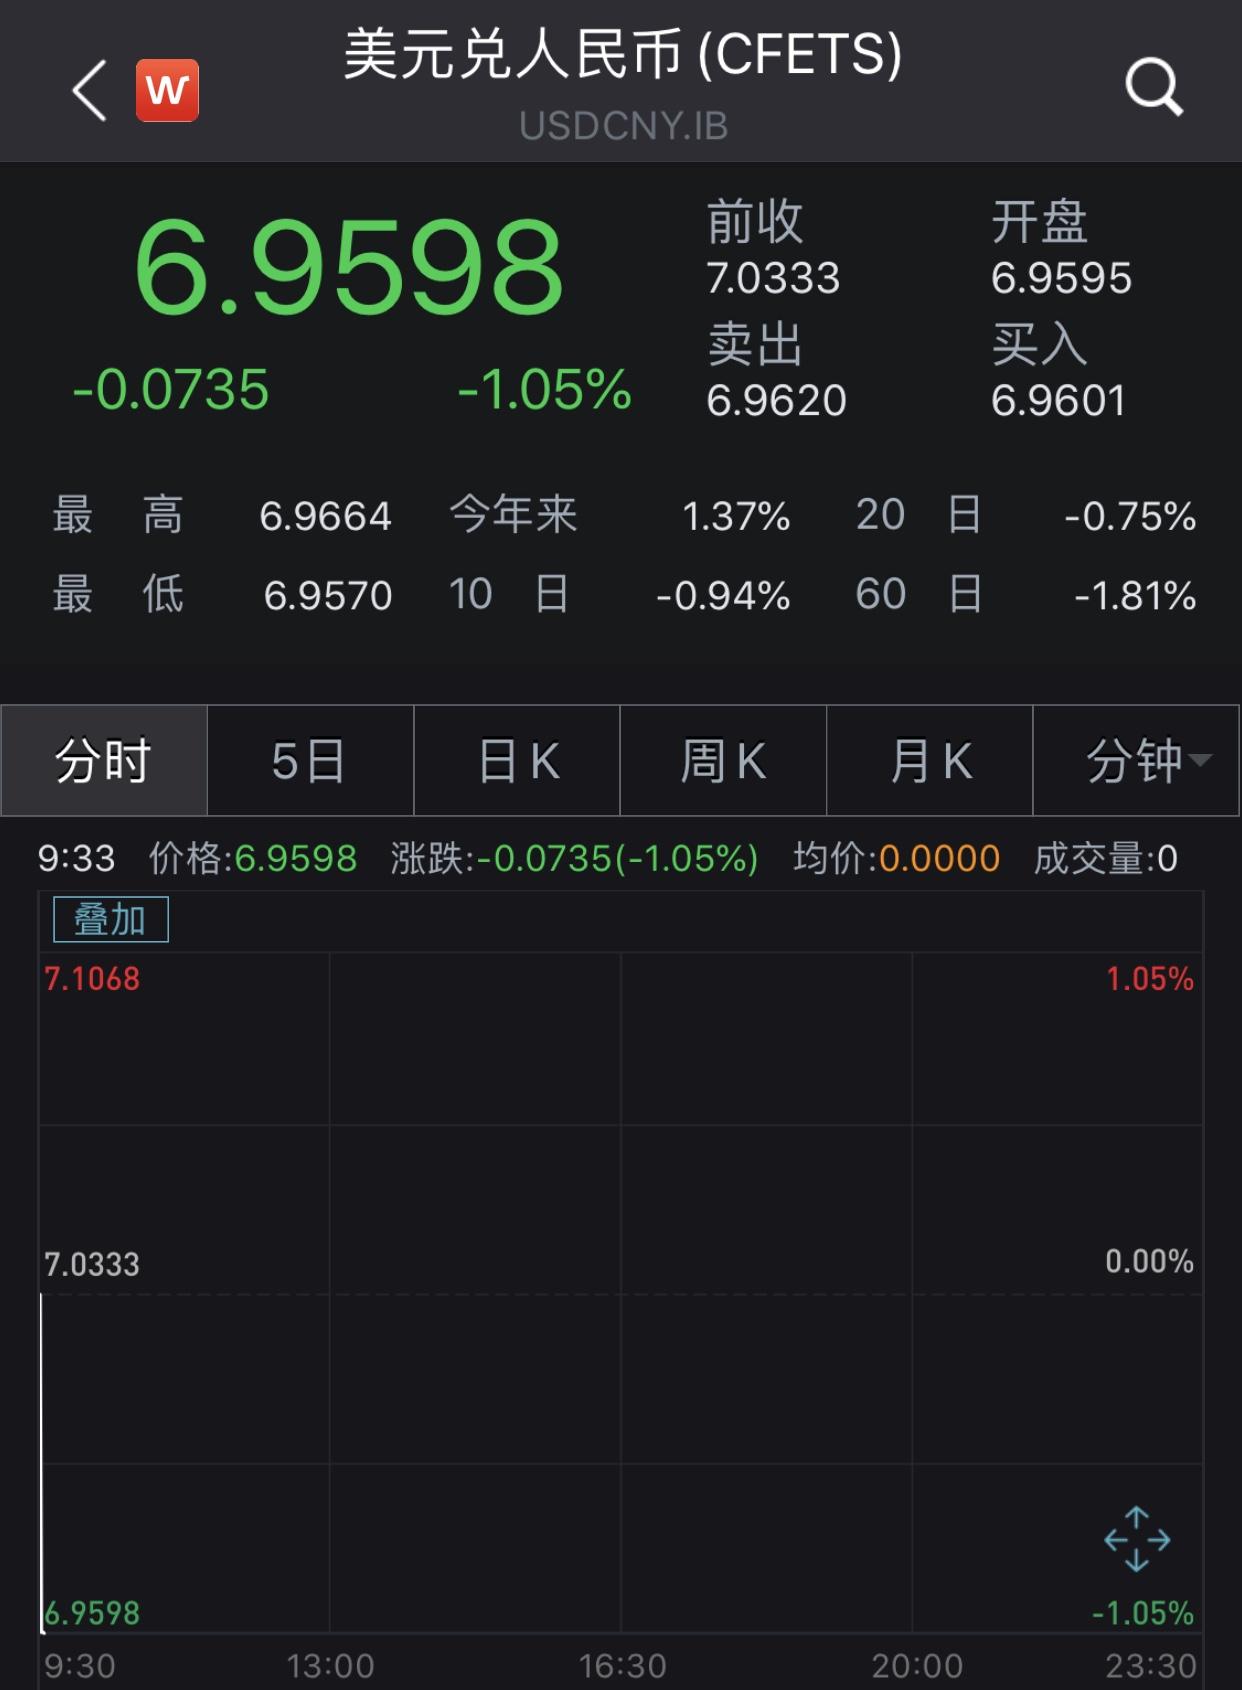 """人民币即期汇率收复""""7"""":开盘大涨超700点升破6.96"""